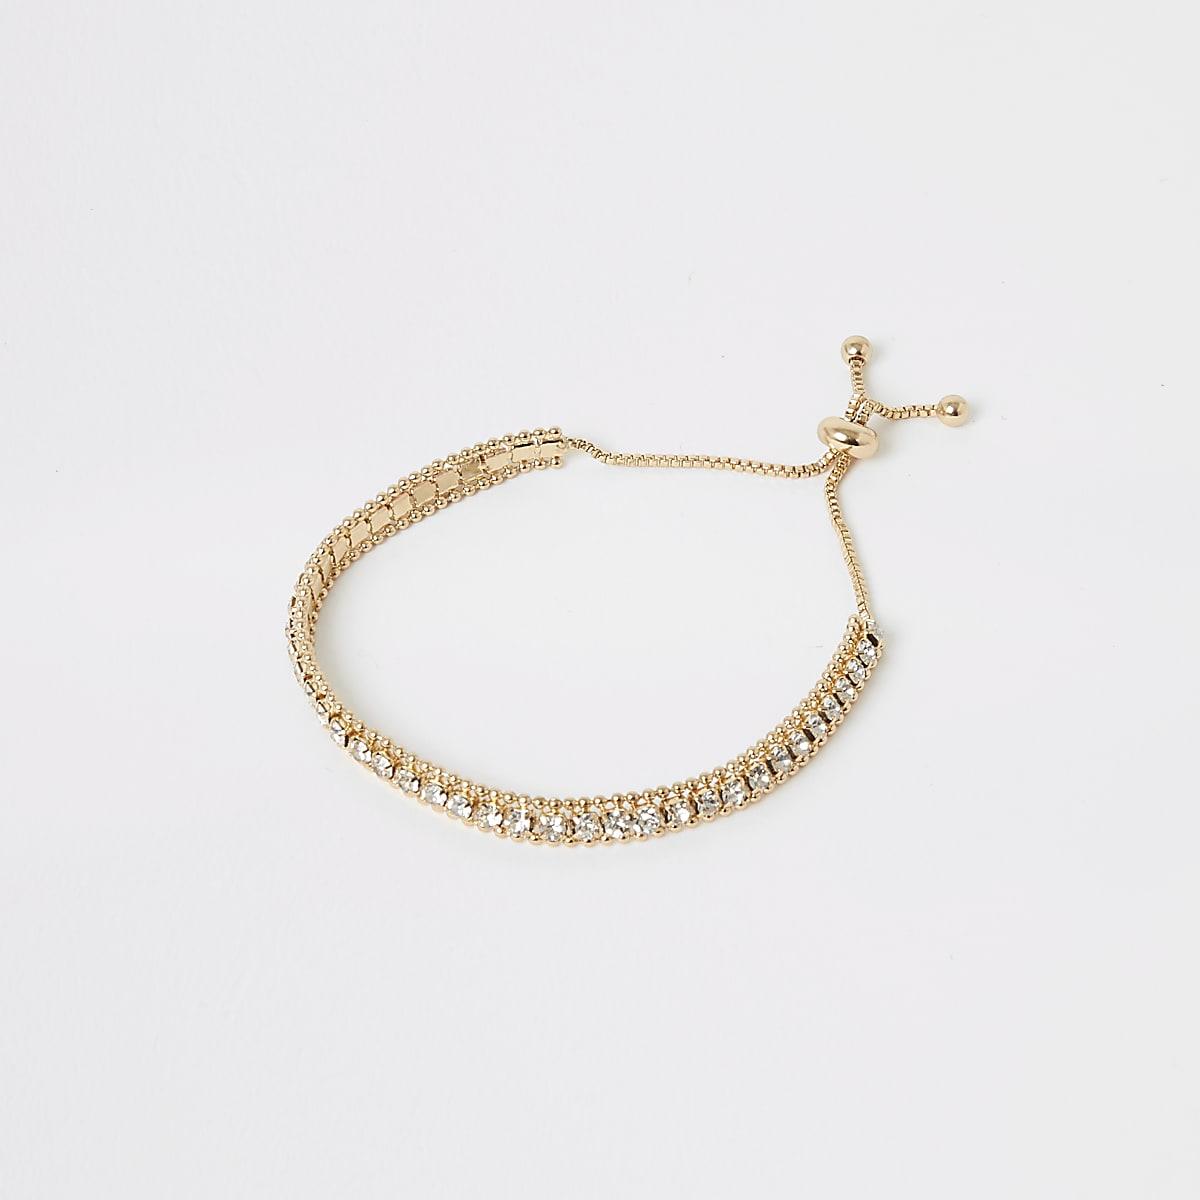 Goudkleurige armband bezet met siersteentjes